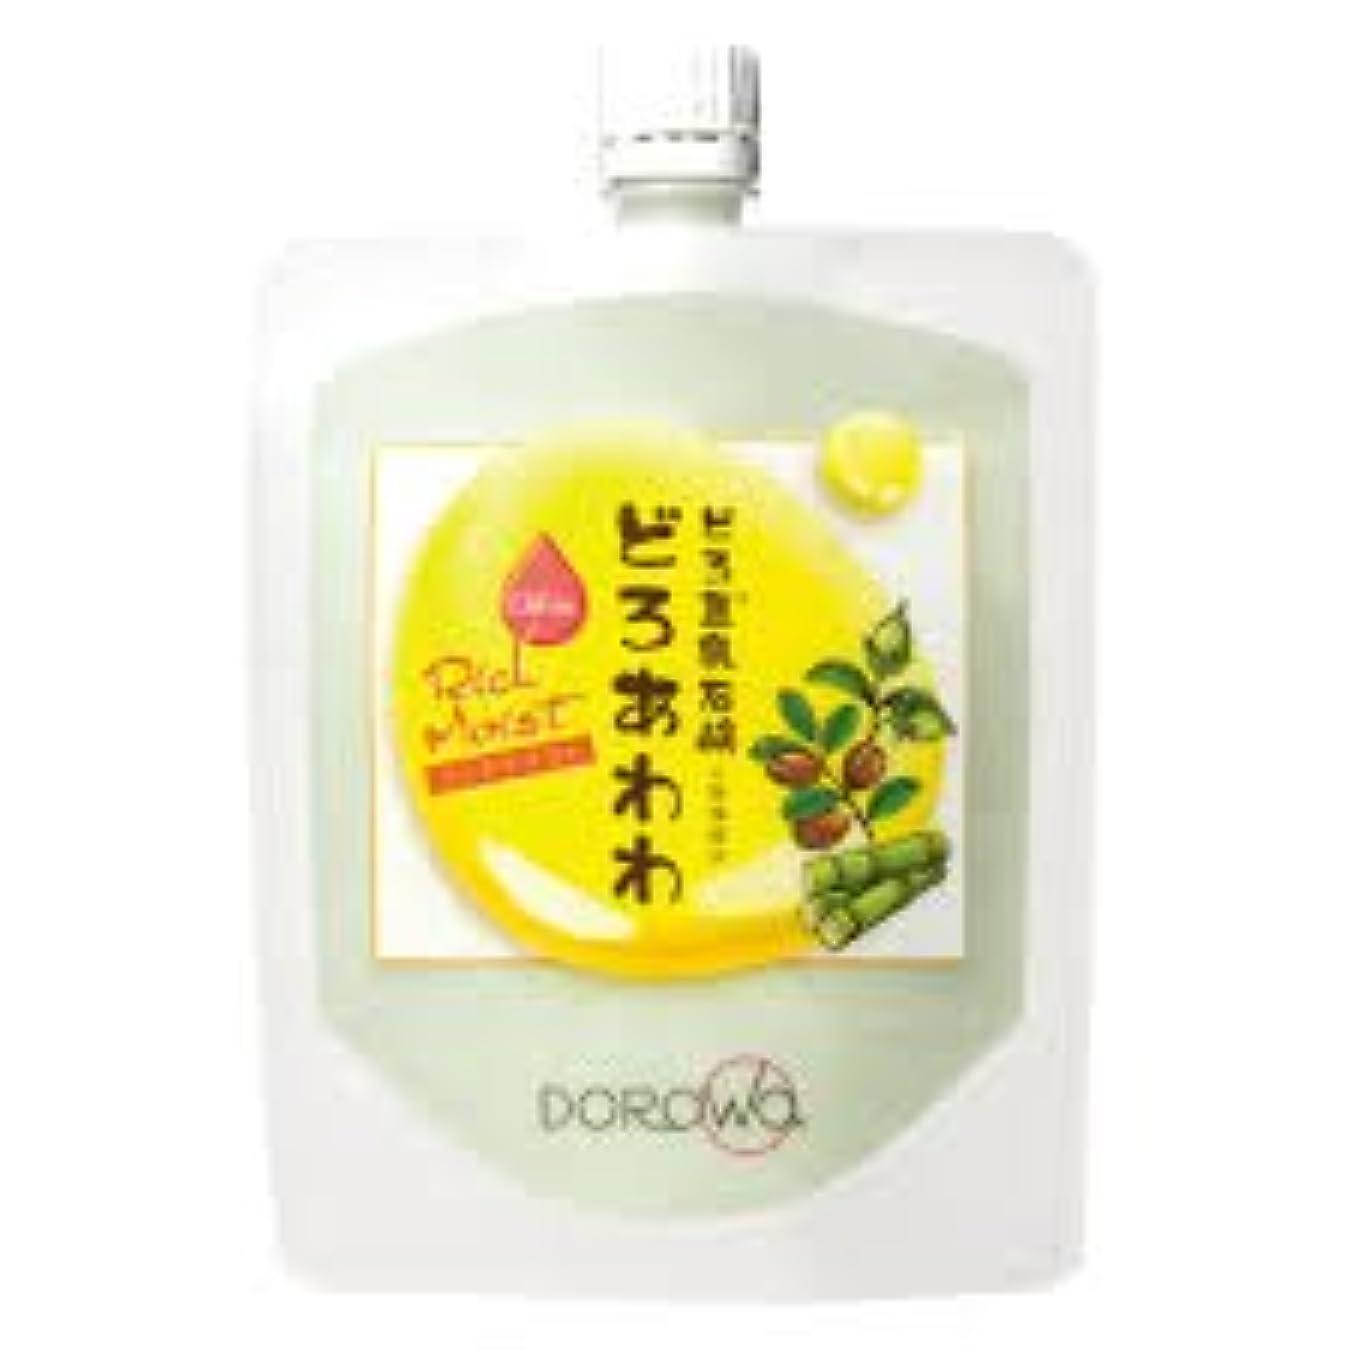 怒る松明冒険家【DOROwa(ドロワ)】どろ豆乳石鹸 どろあわわ〈リッチモイスト〉